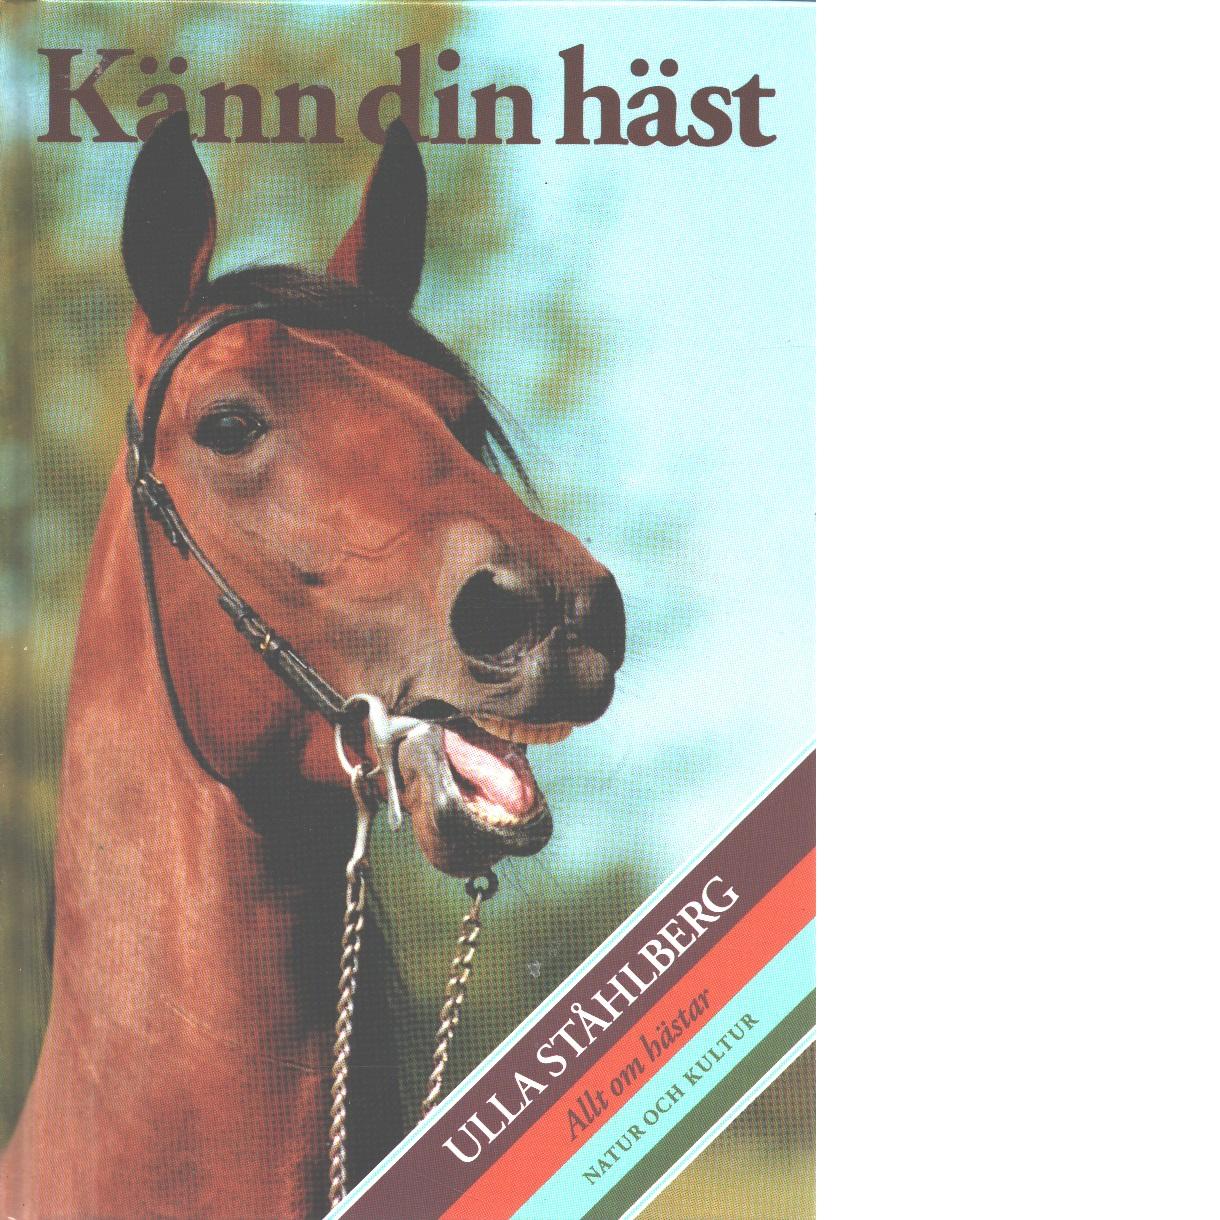 Känn din häst - Ståhlberg, Ulla